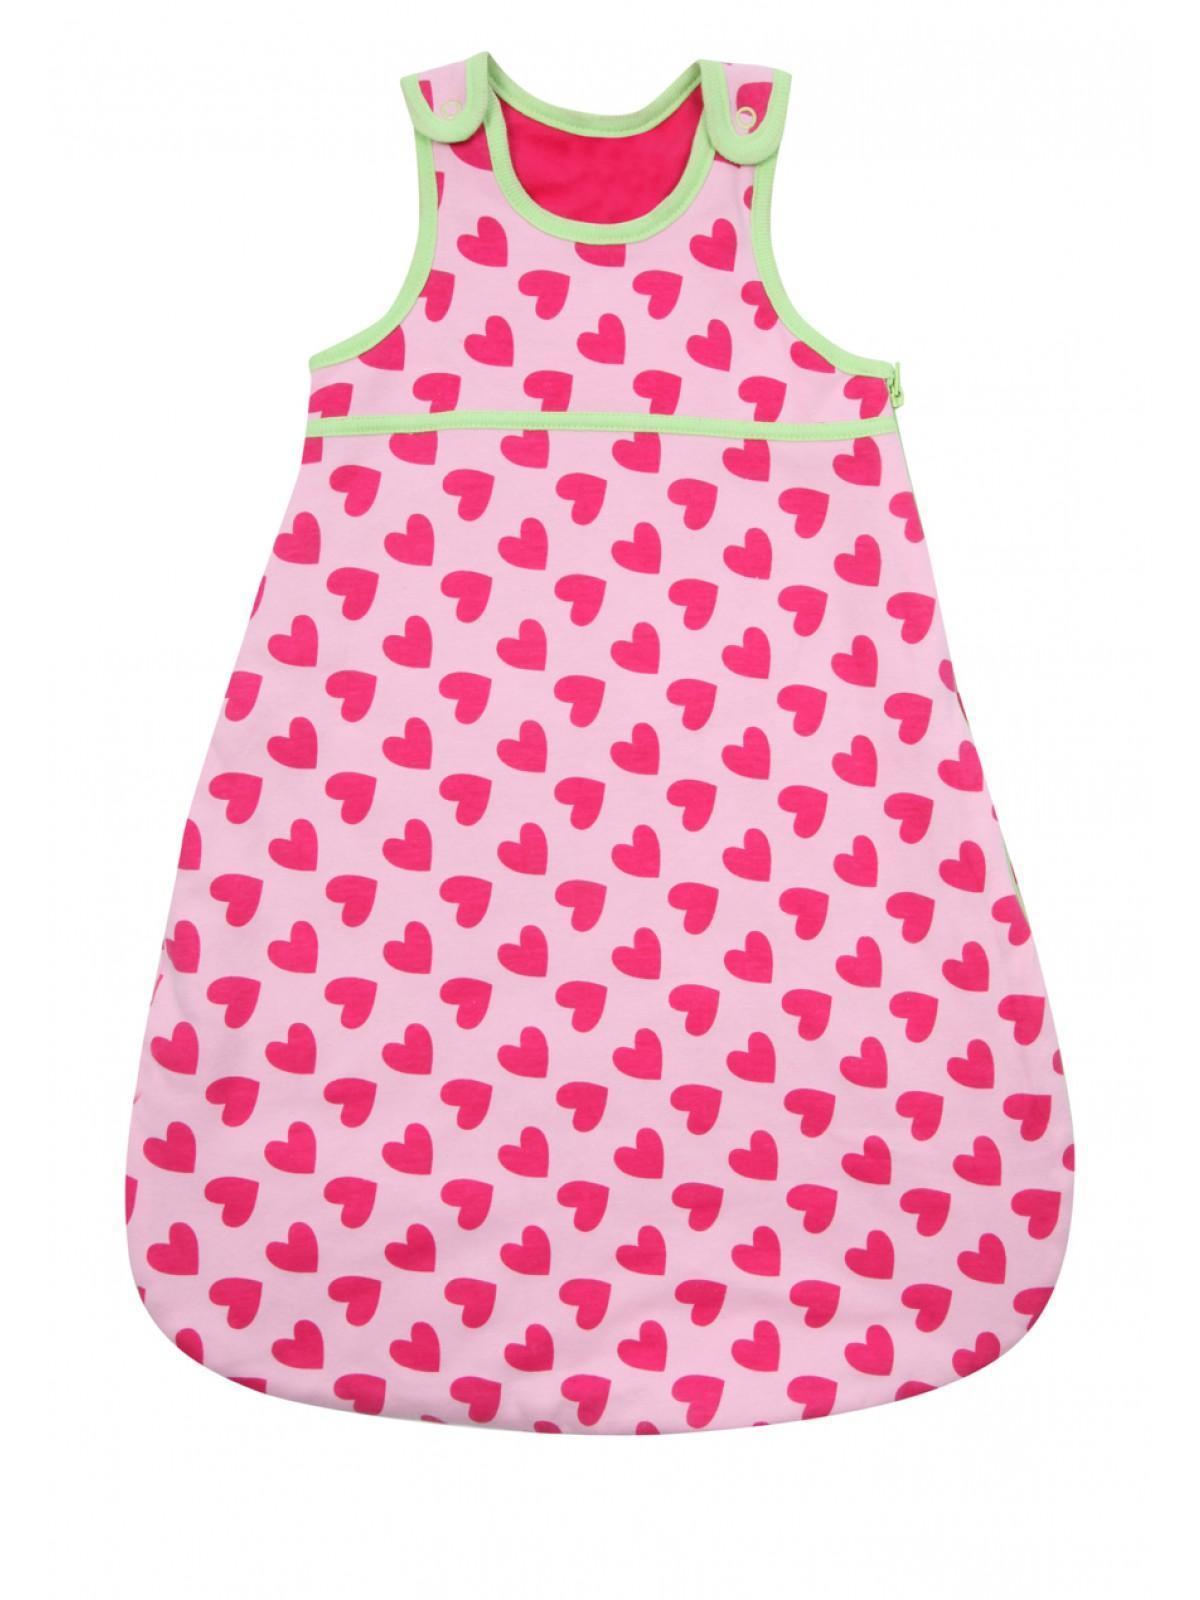 Girls Baby Girl Heart Sleeping Bag